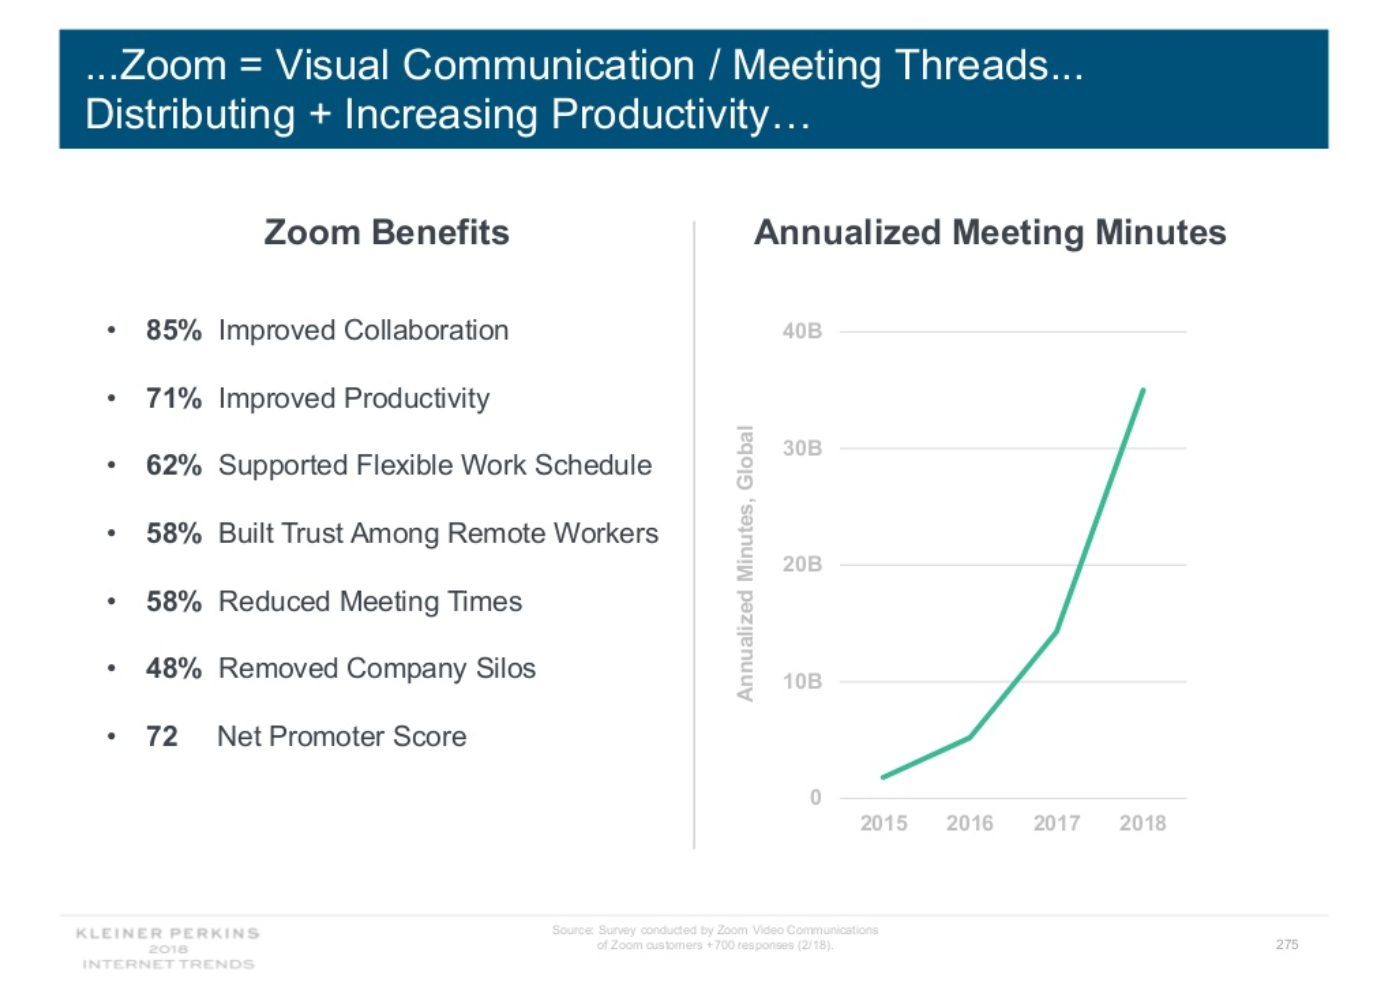 Tendances Internet 2018 - Les communications vidéo favorisent l'augmentation de la productivité.